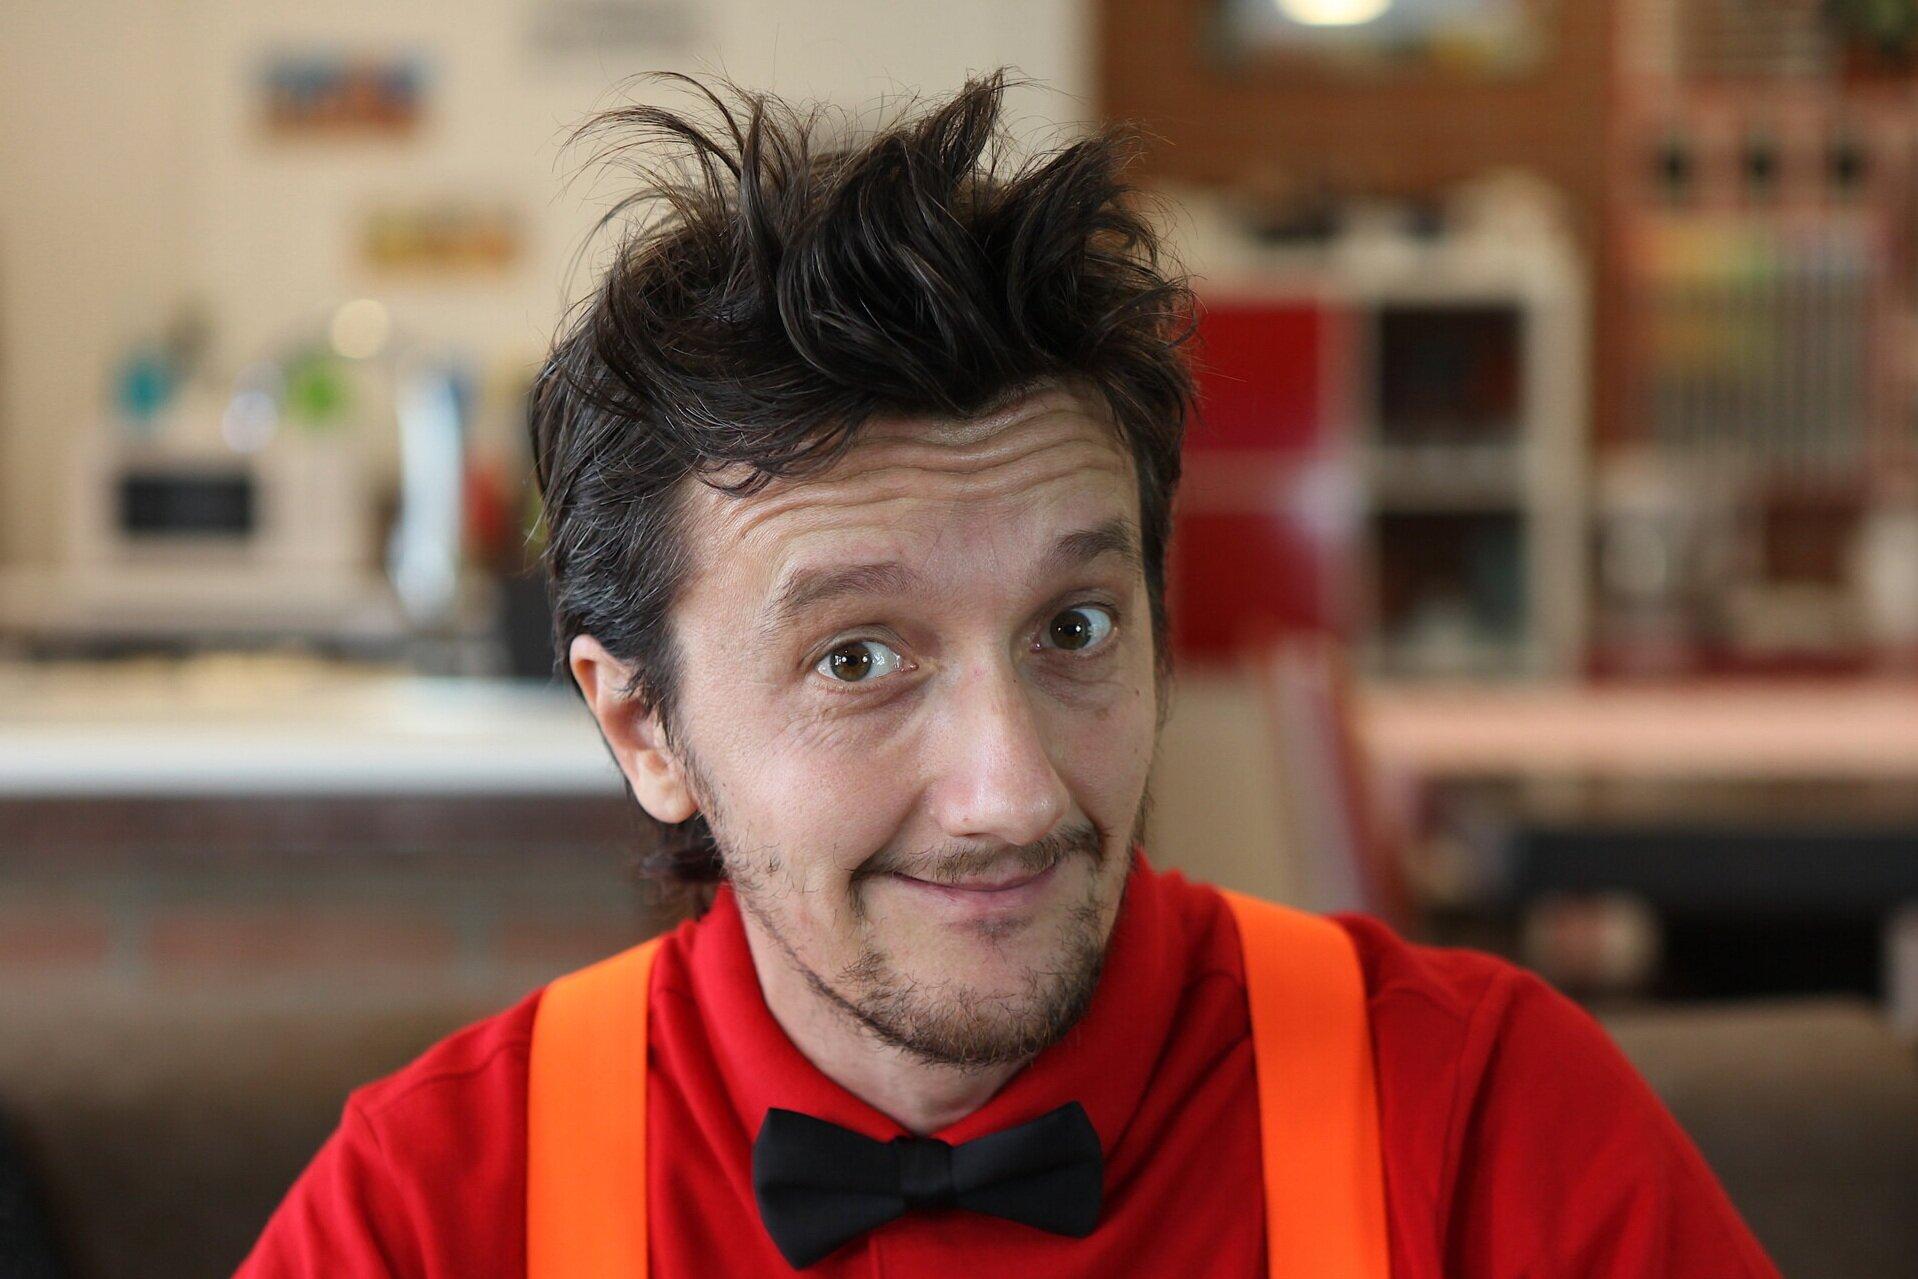 PIPPO - New non-verbal comedy series